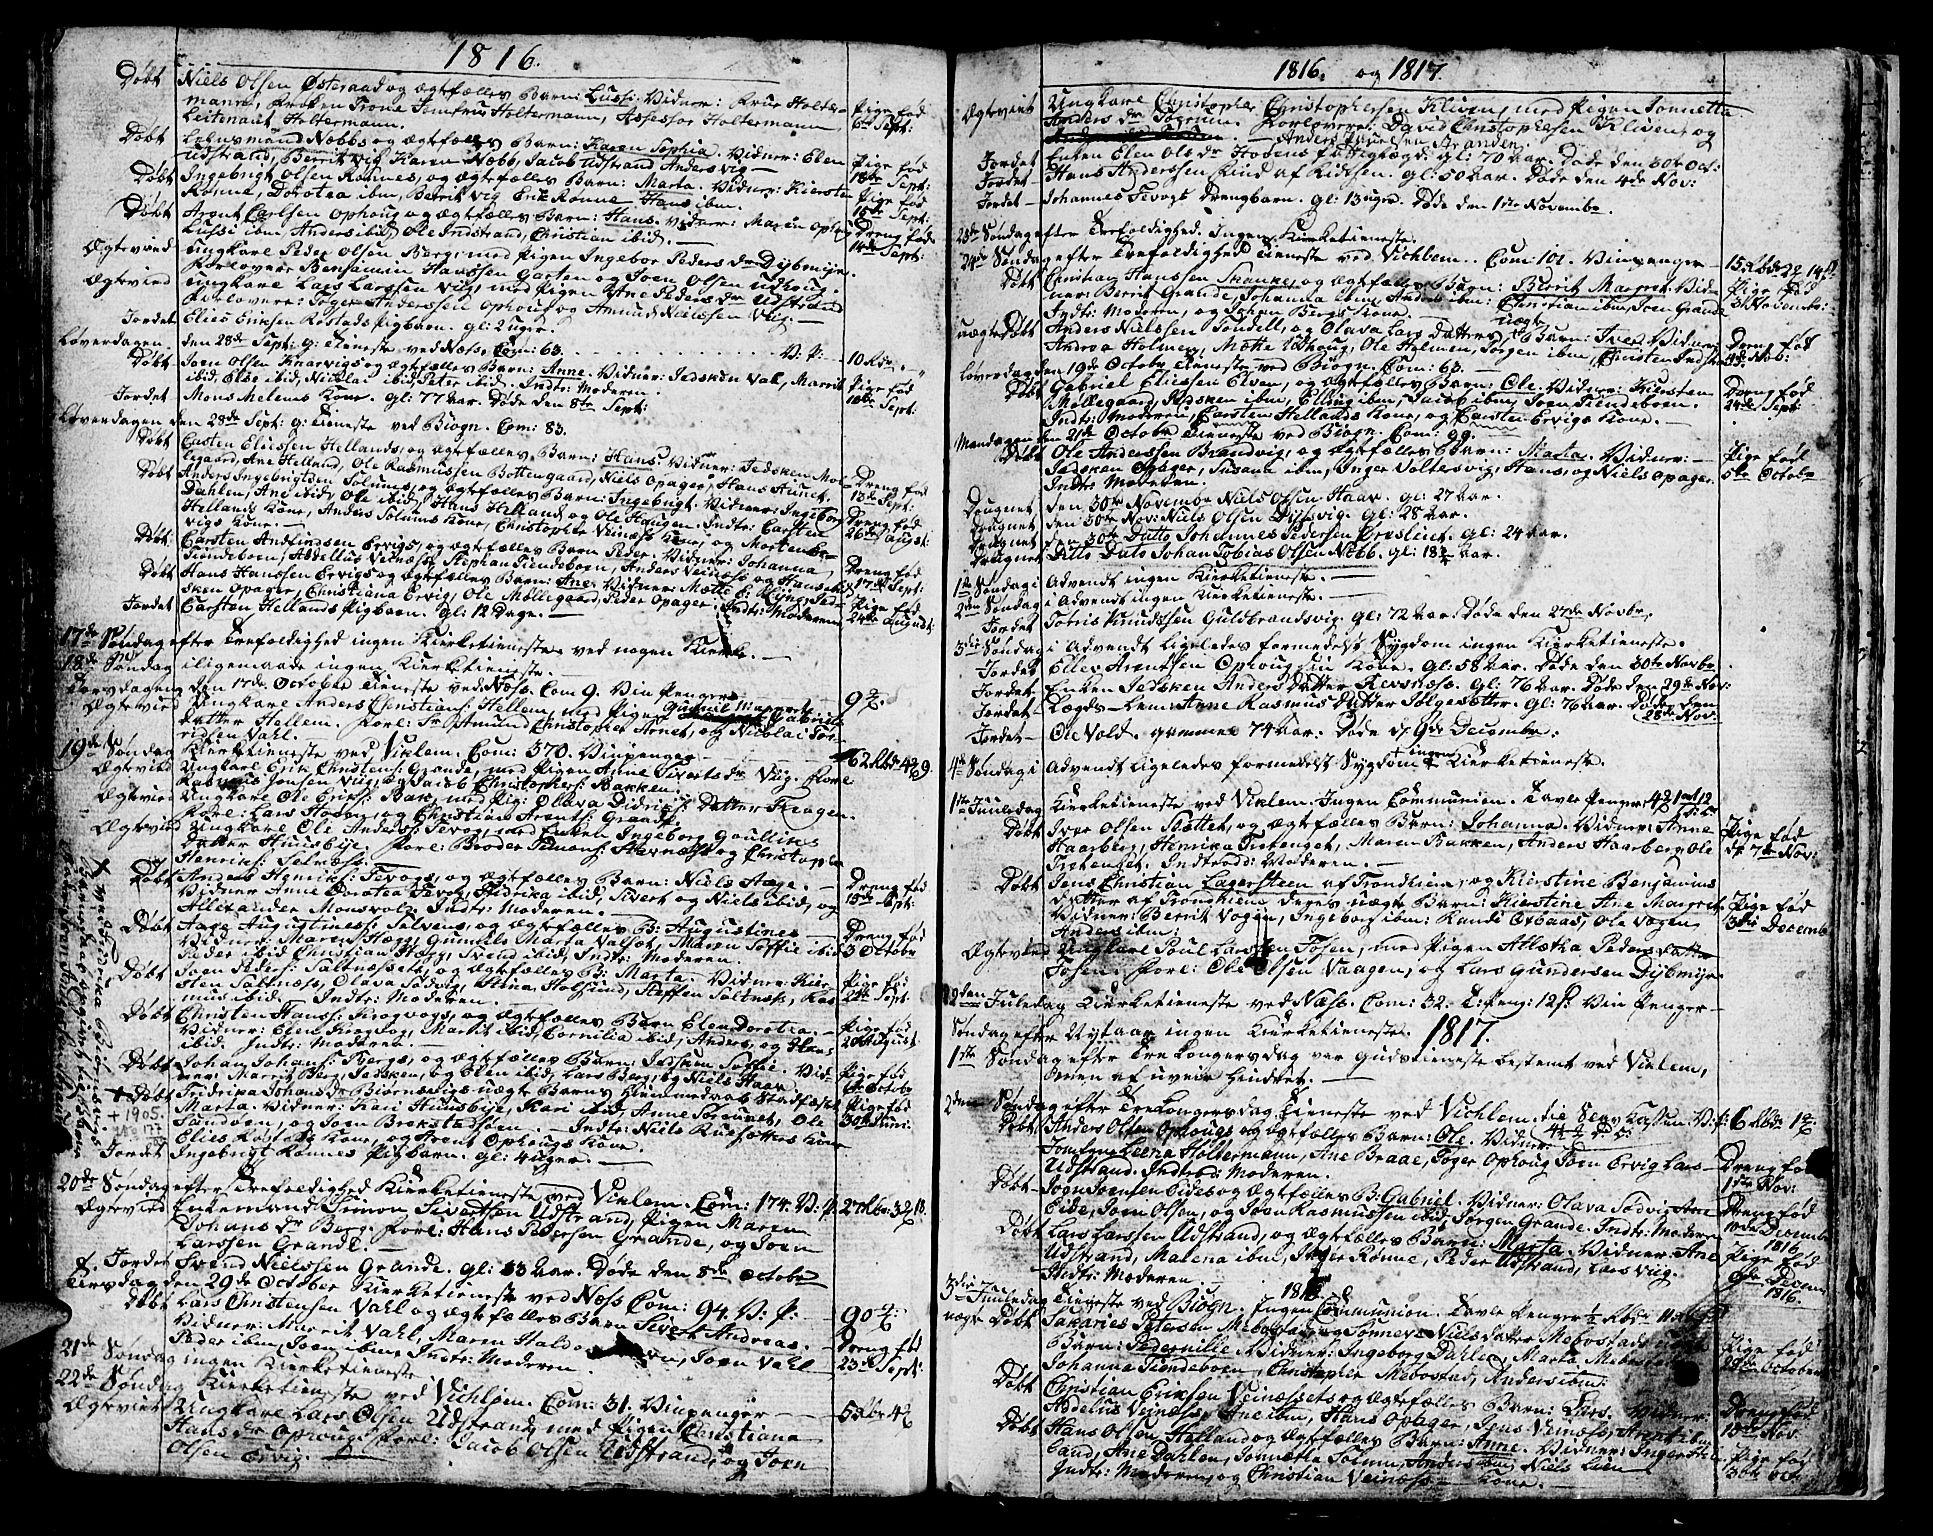 SAT, Ministerialprotokoller, klokkerbøker og fødselsregistre - Sør-Trøndelag, 659/L0733: Parish register (official) no. 659A03, 1767-1818